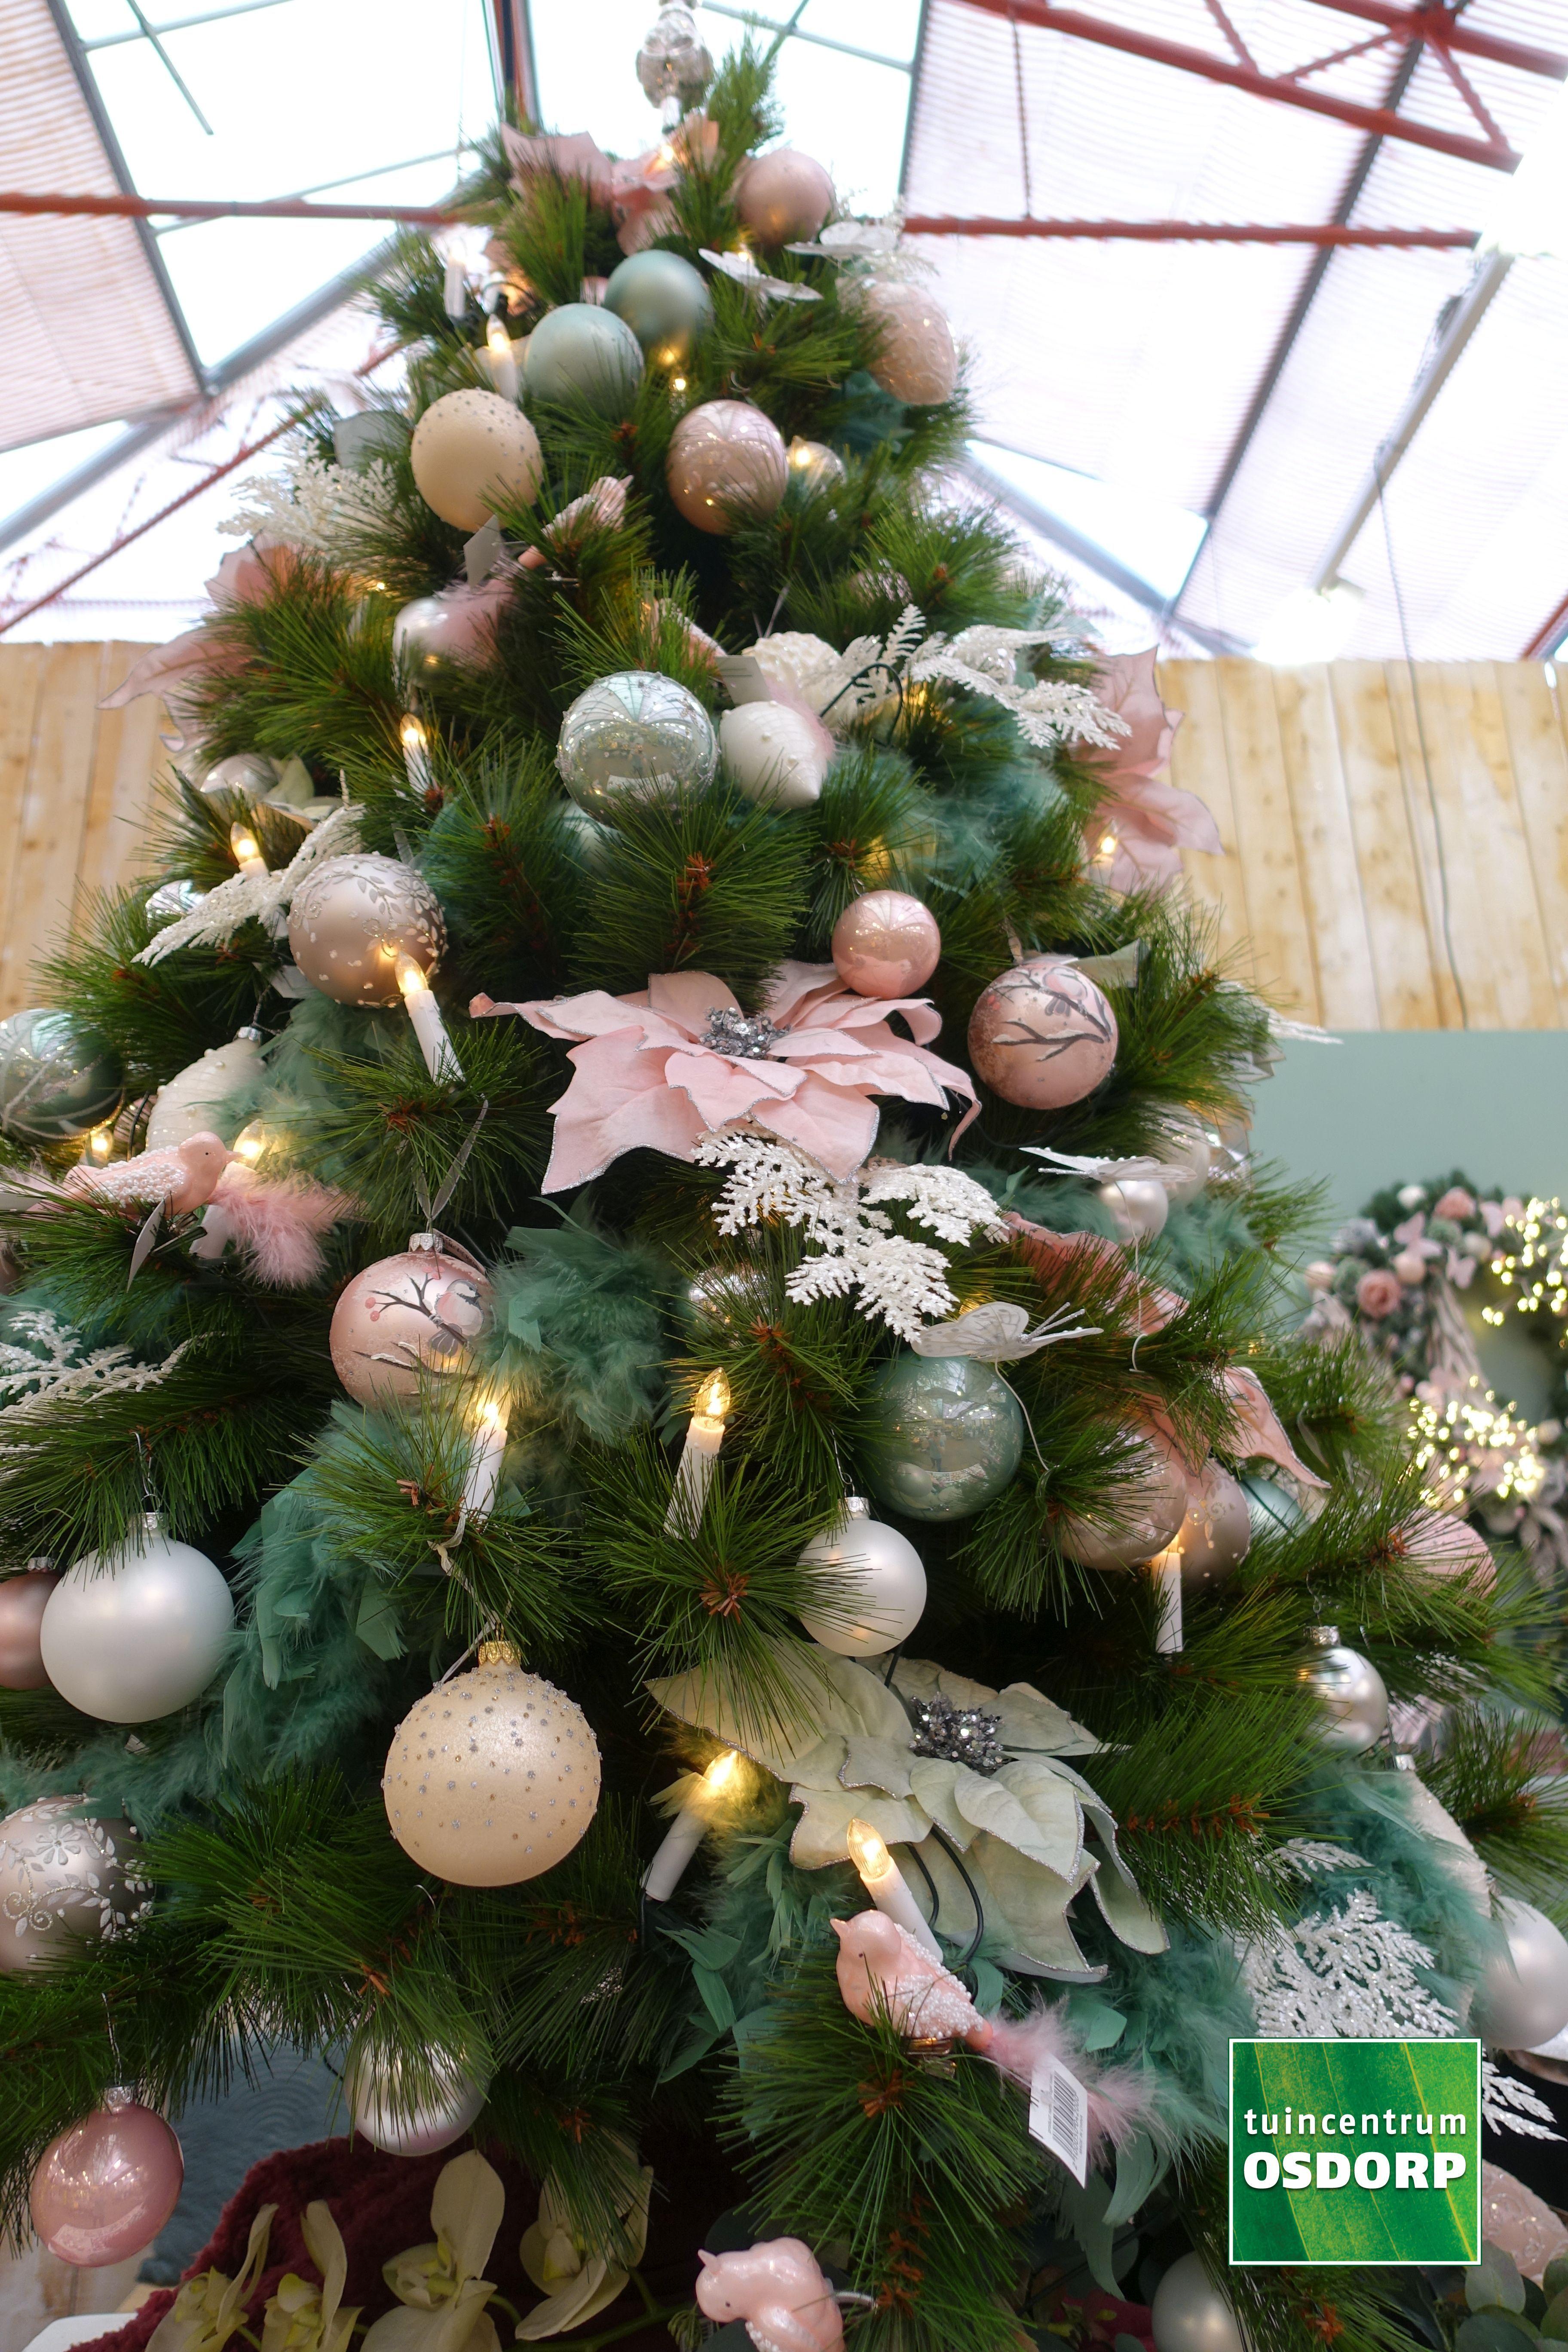 Kerst Inspiratie Bij De Kerstshow Van Tuincentrum Osdorp Kerstboom Versiering In De Kleuren Roze Parel Linnen Roze Kerst Kerstboom Versieringen Kerstkransen